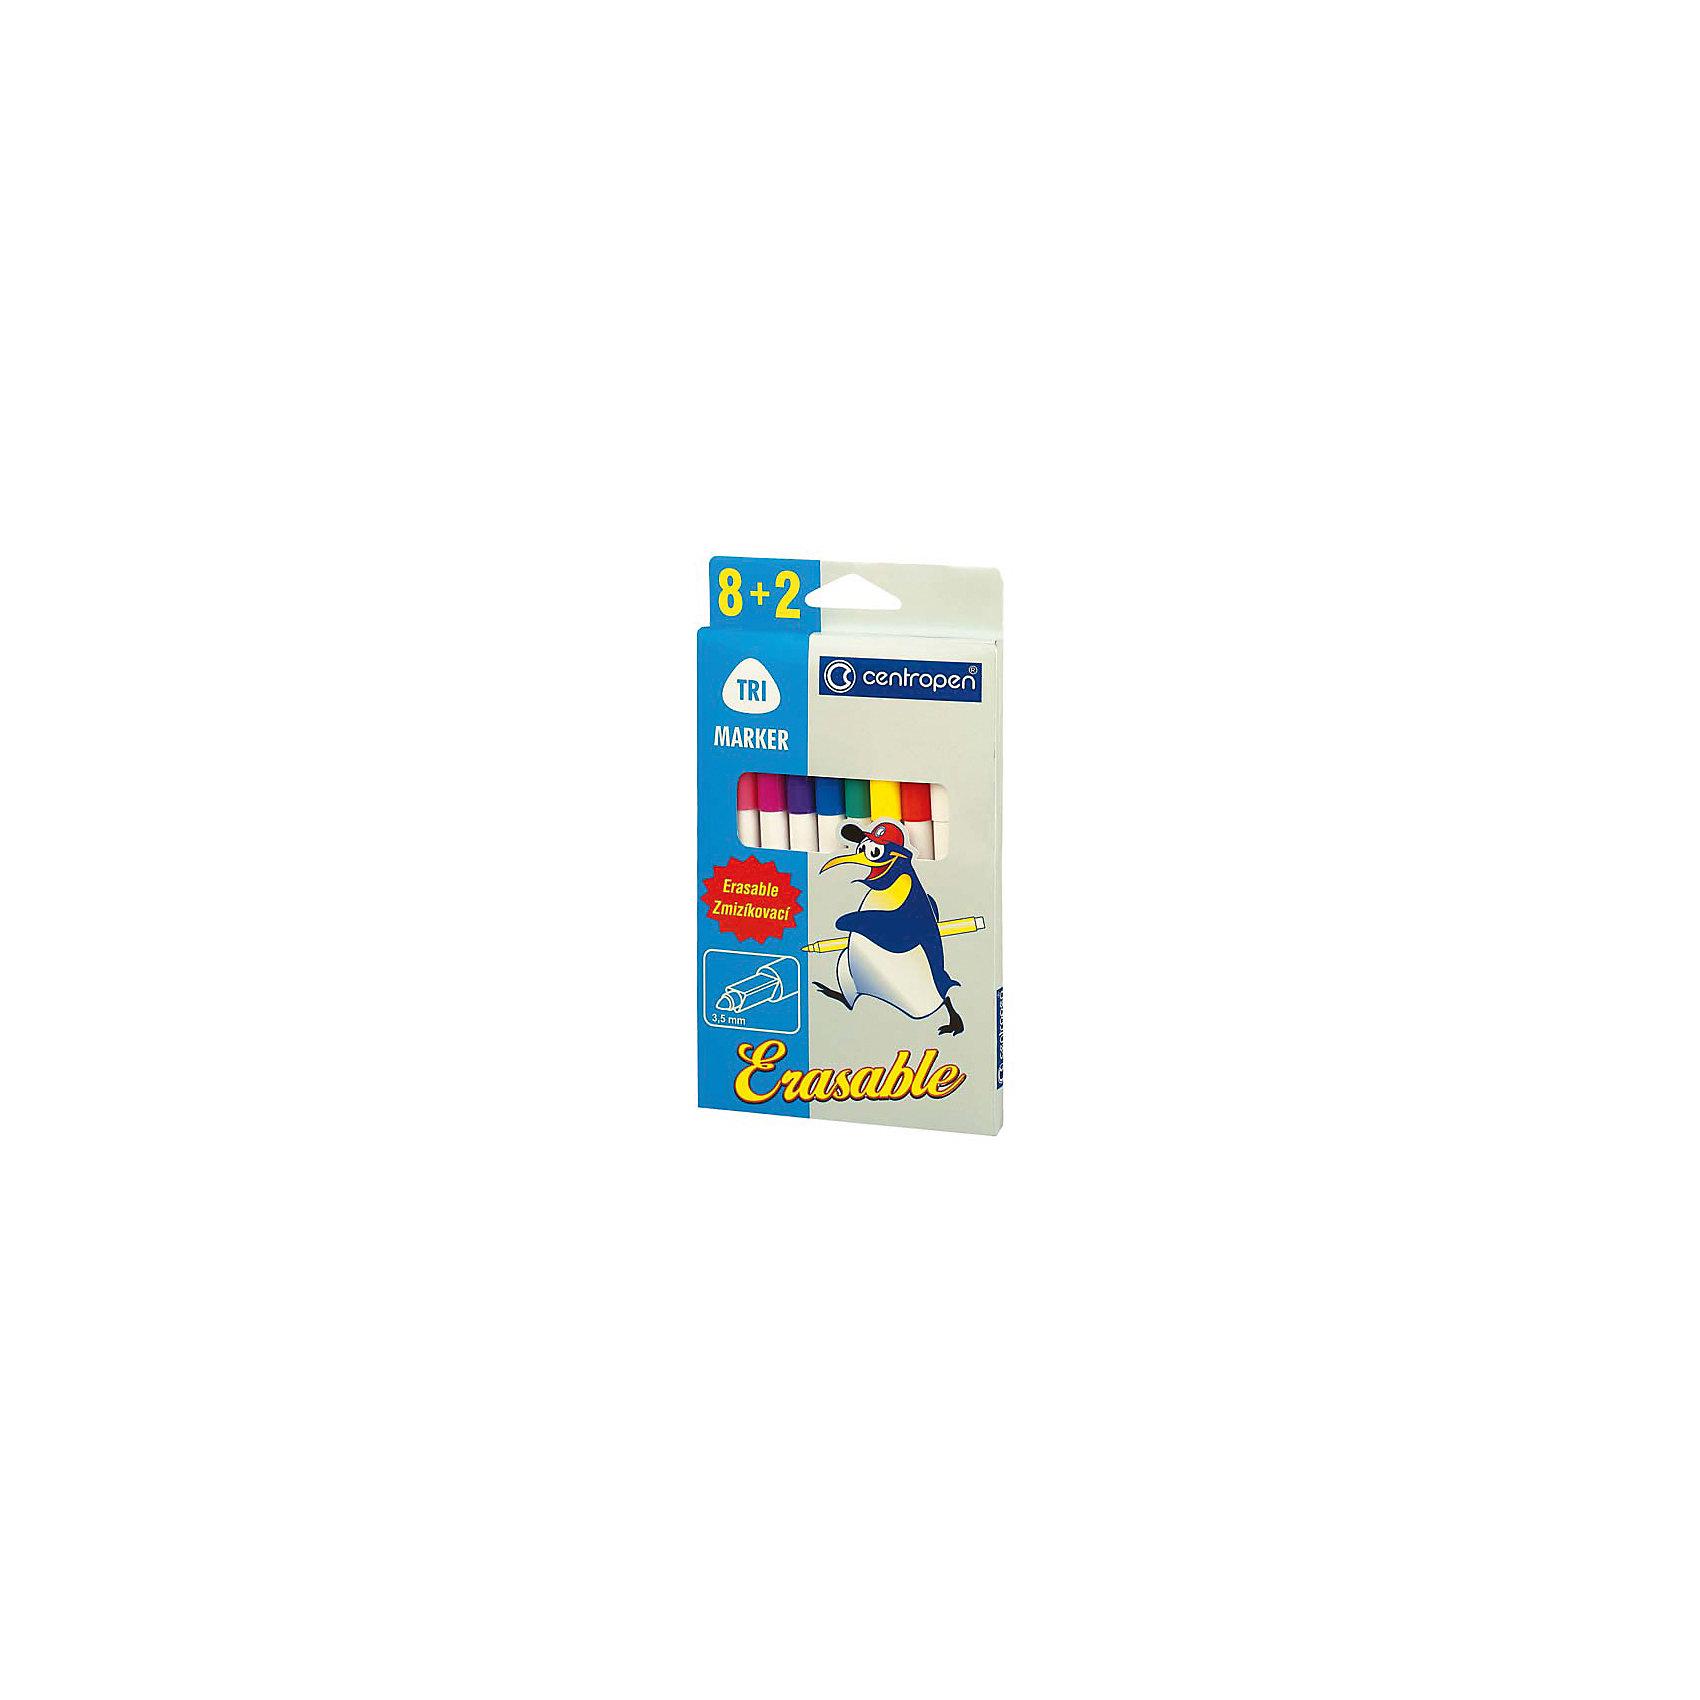 CENTROPEN Набор фломастеровРисование<br>Треугольный корпус в месте захвата, цветной вентилируемый колпачок. В комплекте 8 цветных фломастеров и 2 фломастера-стирателя, поглощающие чернила. Волокнистое острие диаметром 3,5 мм. 8 цветов+2 поглотителя. В блистерной коробке с европодвесом<br><br>Ширина мм: 190<br>Глубина мм: 100<br>Высота мм: 10<br>Вес г: 87<br>Возраст от месяцев: 36<br>Возраст до месяцев: 168<br>Пол: Унисекс<br>Возраст: Детский<br>SKU: 6888685